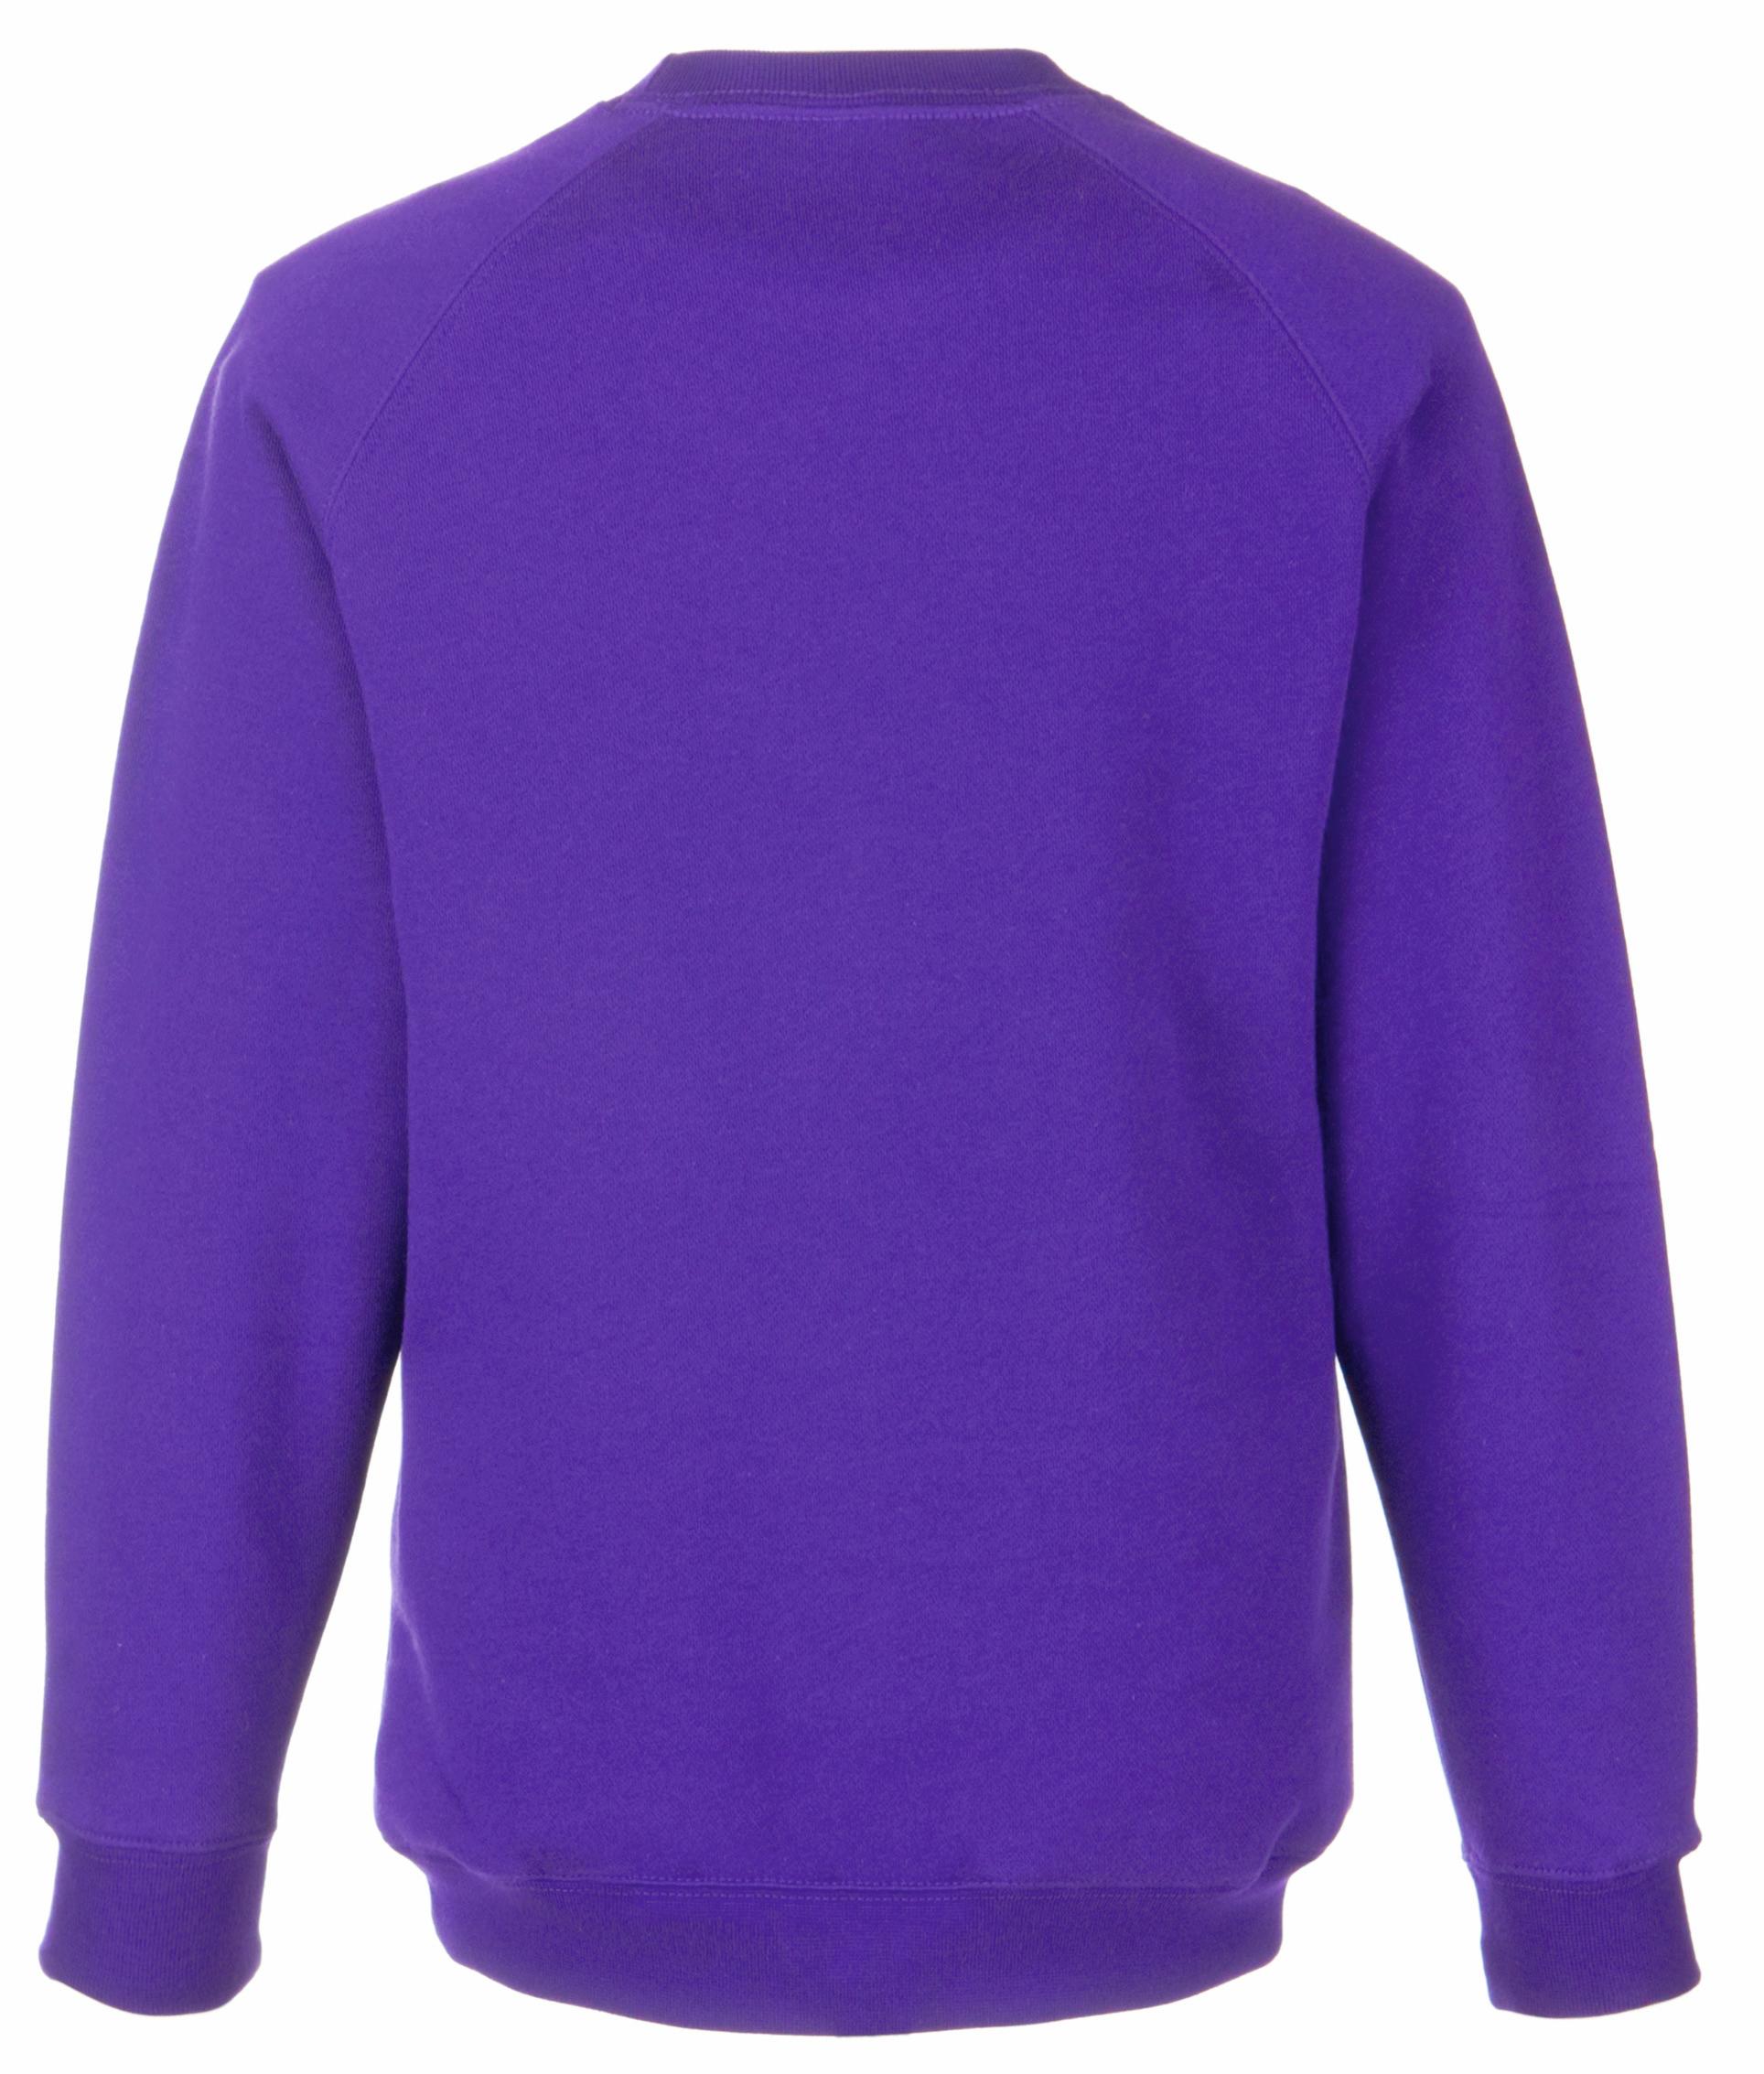 FotL 620390 Purple